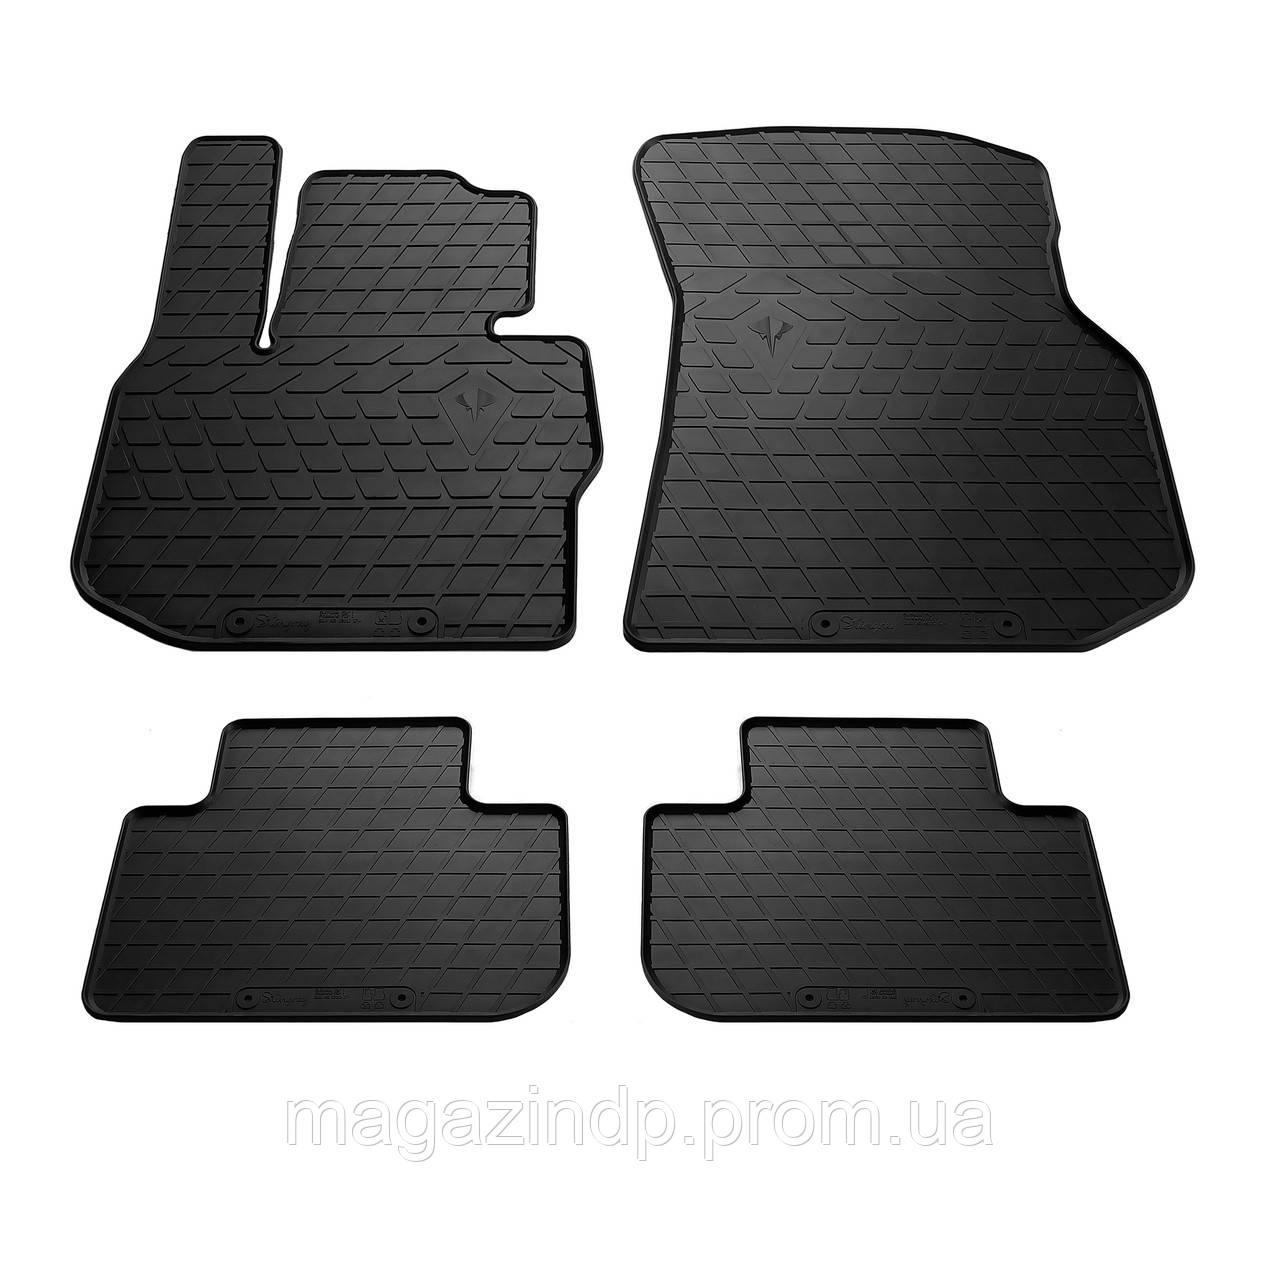 Коврики в салон для BMW X3 (G01) 17- (design 2016) (комплект - 4 шт) 1027254 Код товара: 3779272